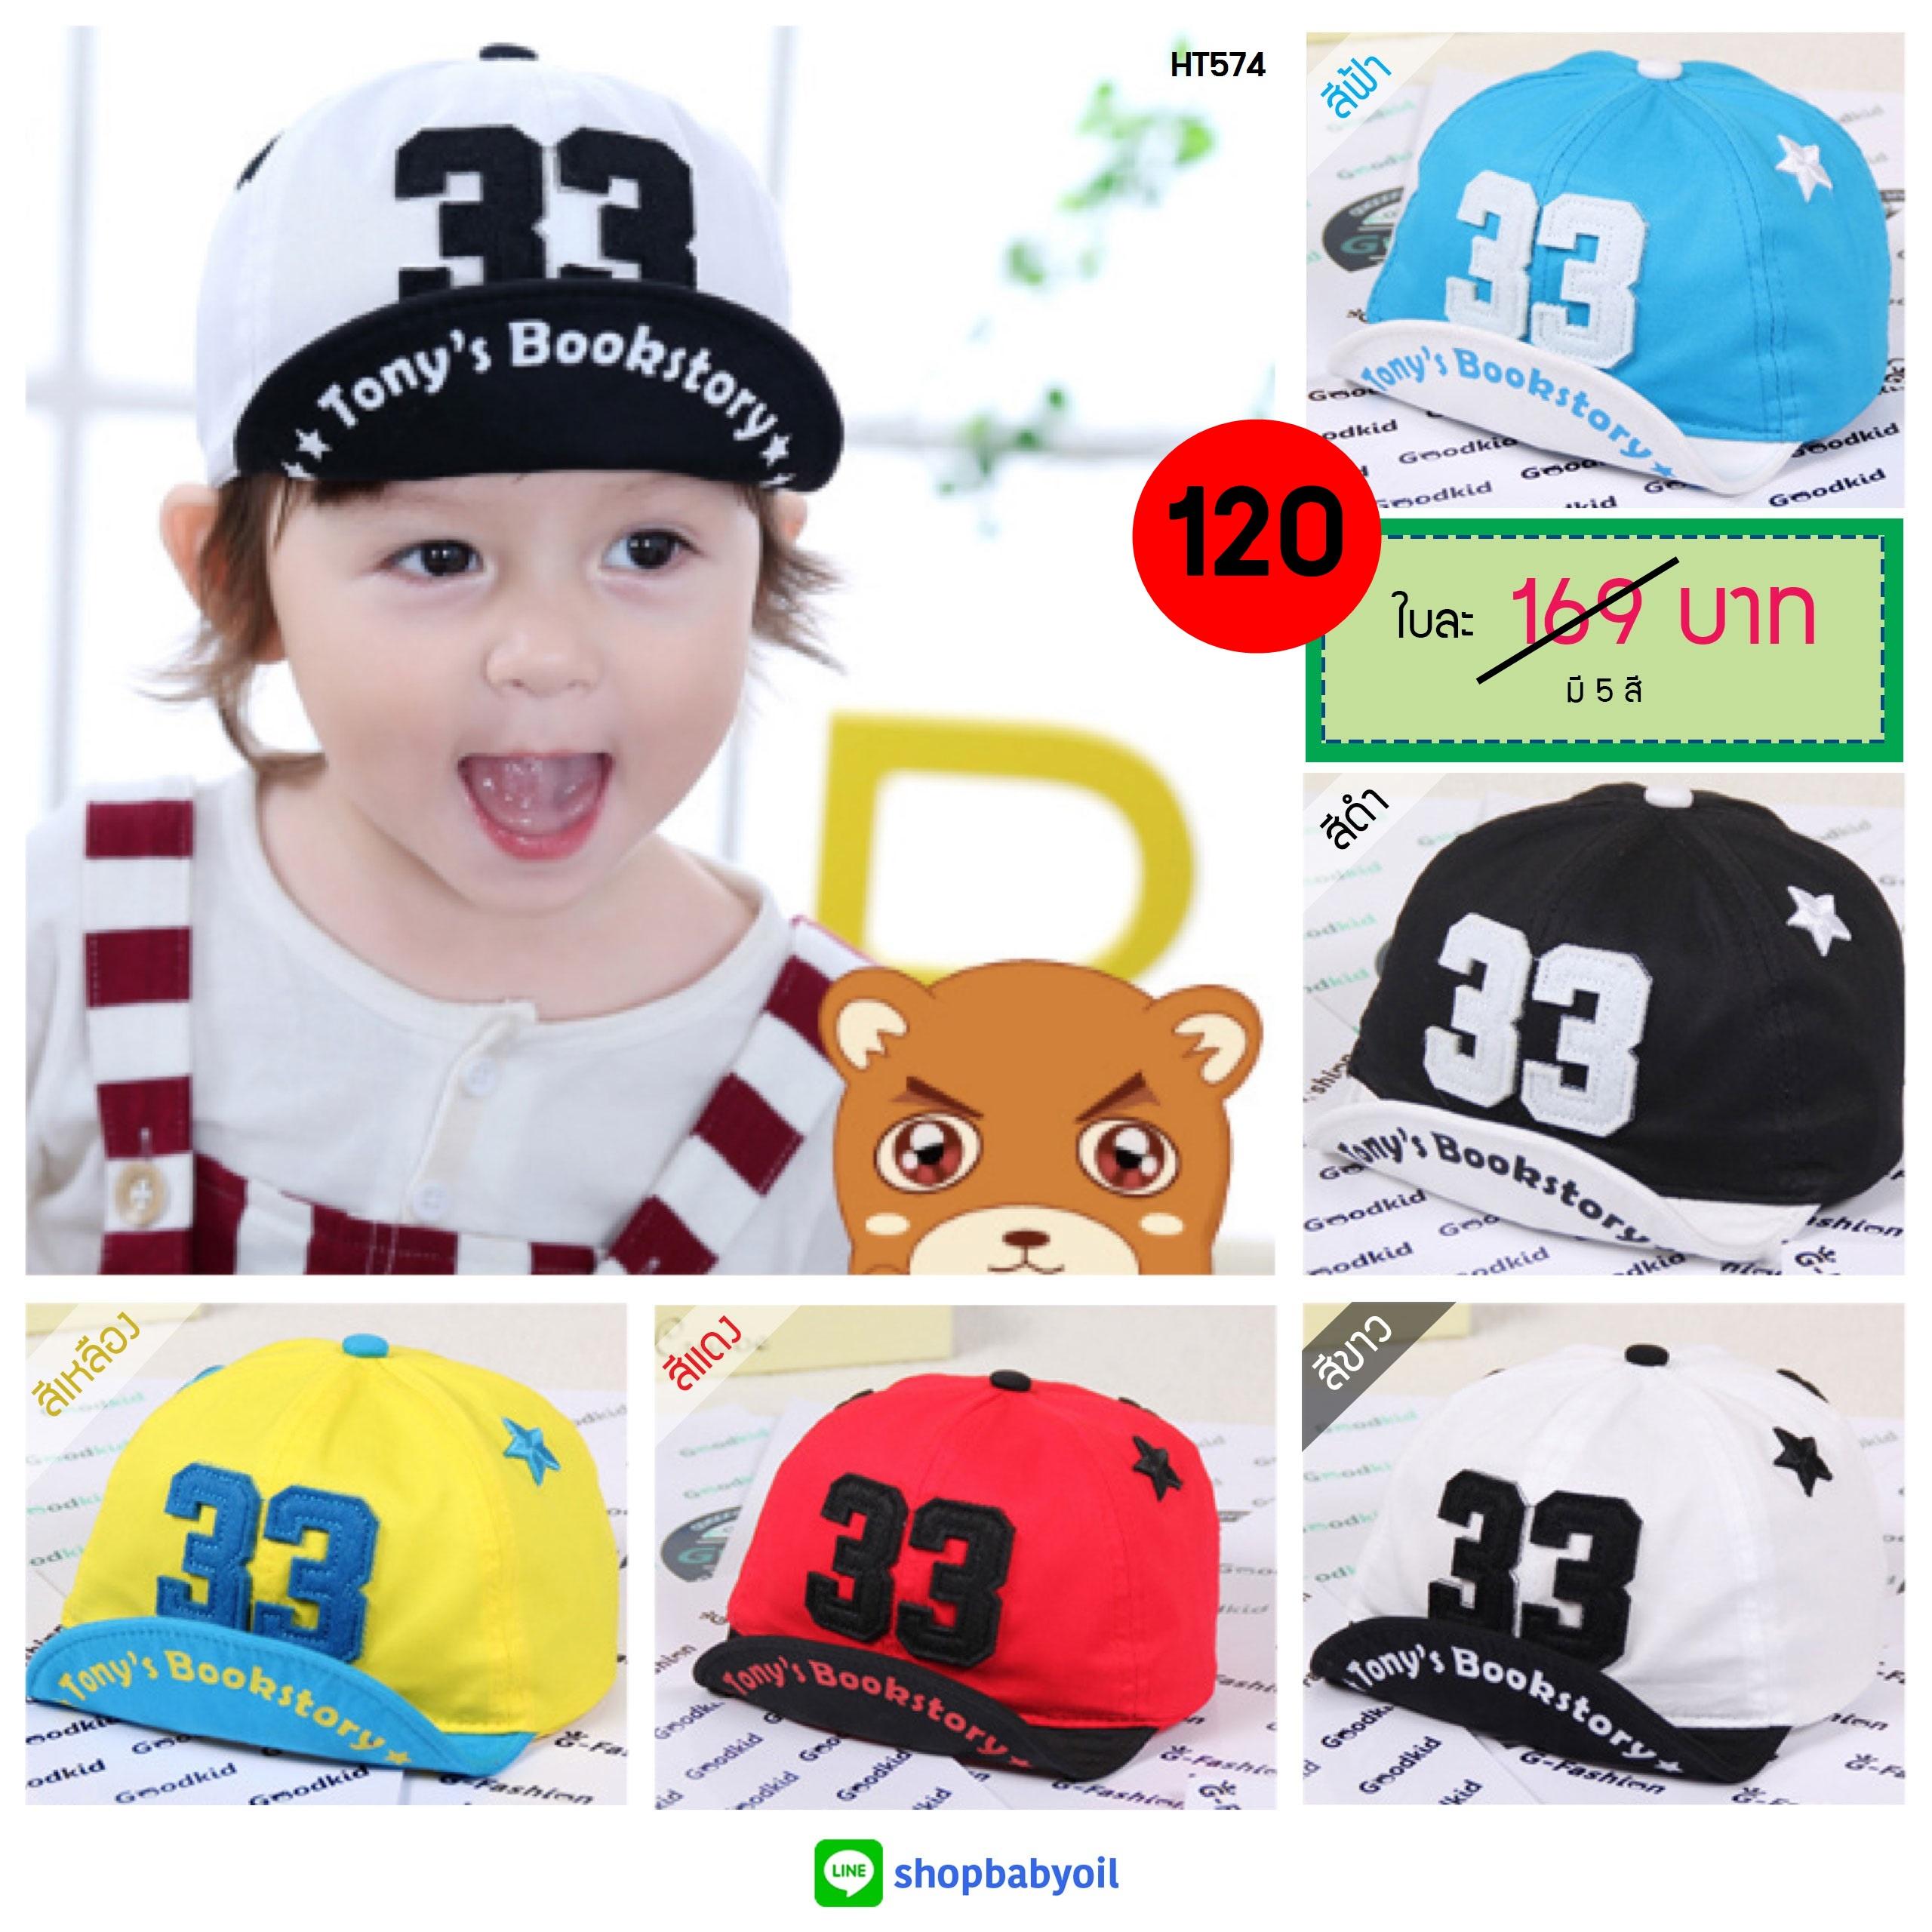 หมวกแก๊ป หมวกเด็กแบบมีปีกด้านหน้า ลาย 33 (มี 5 สี)